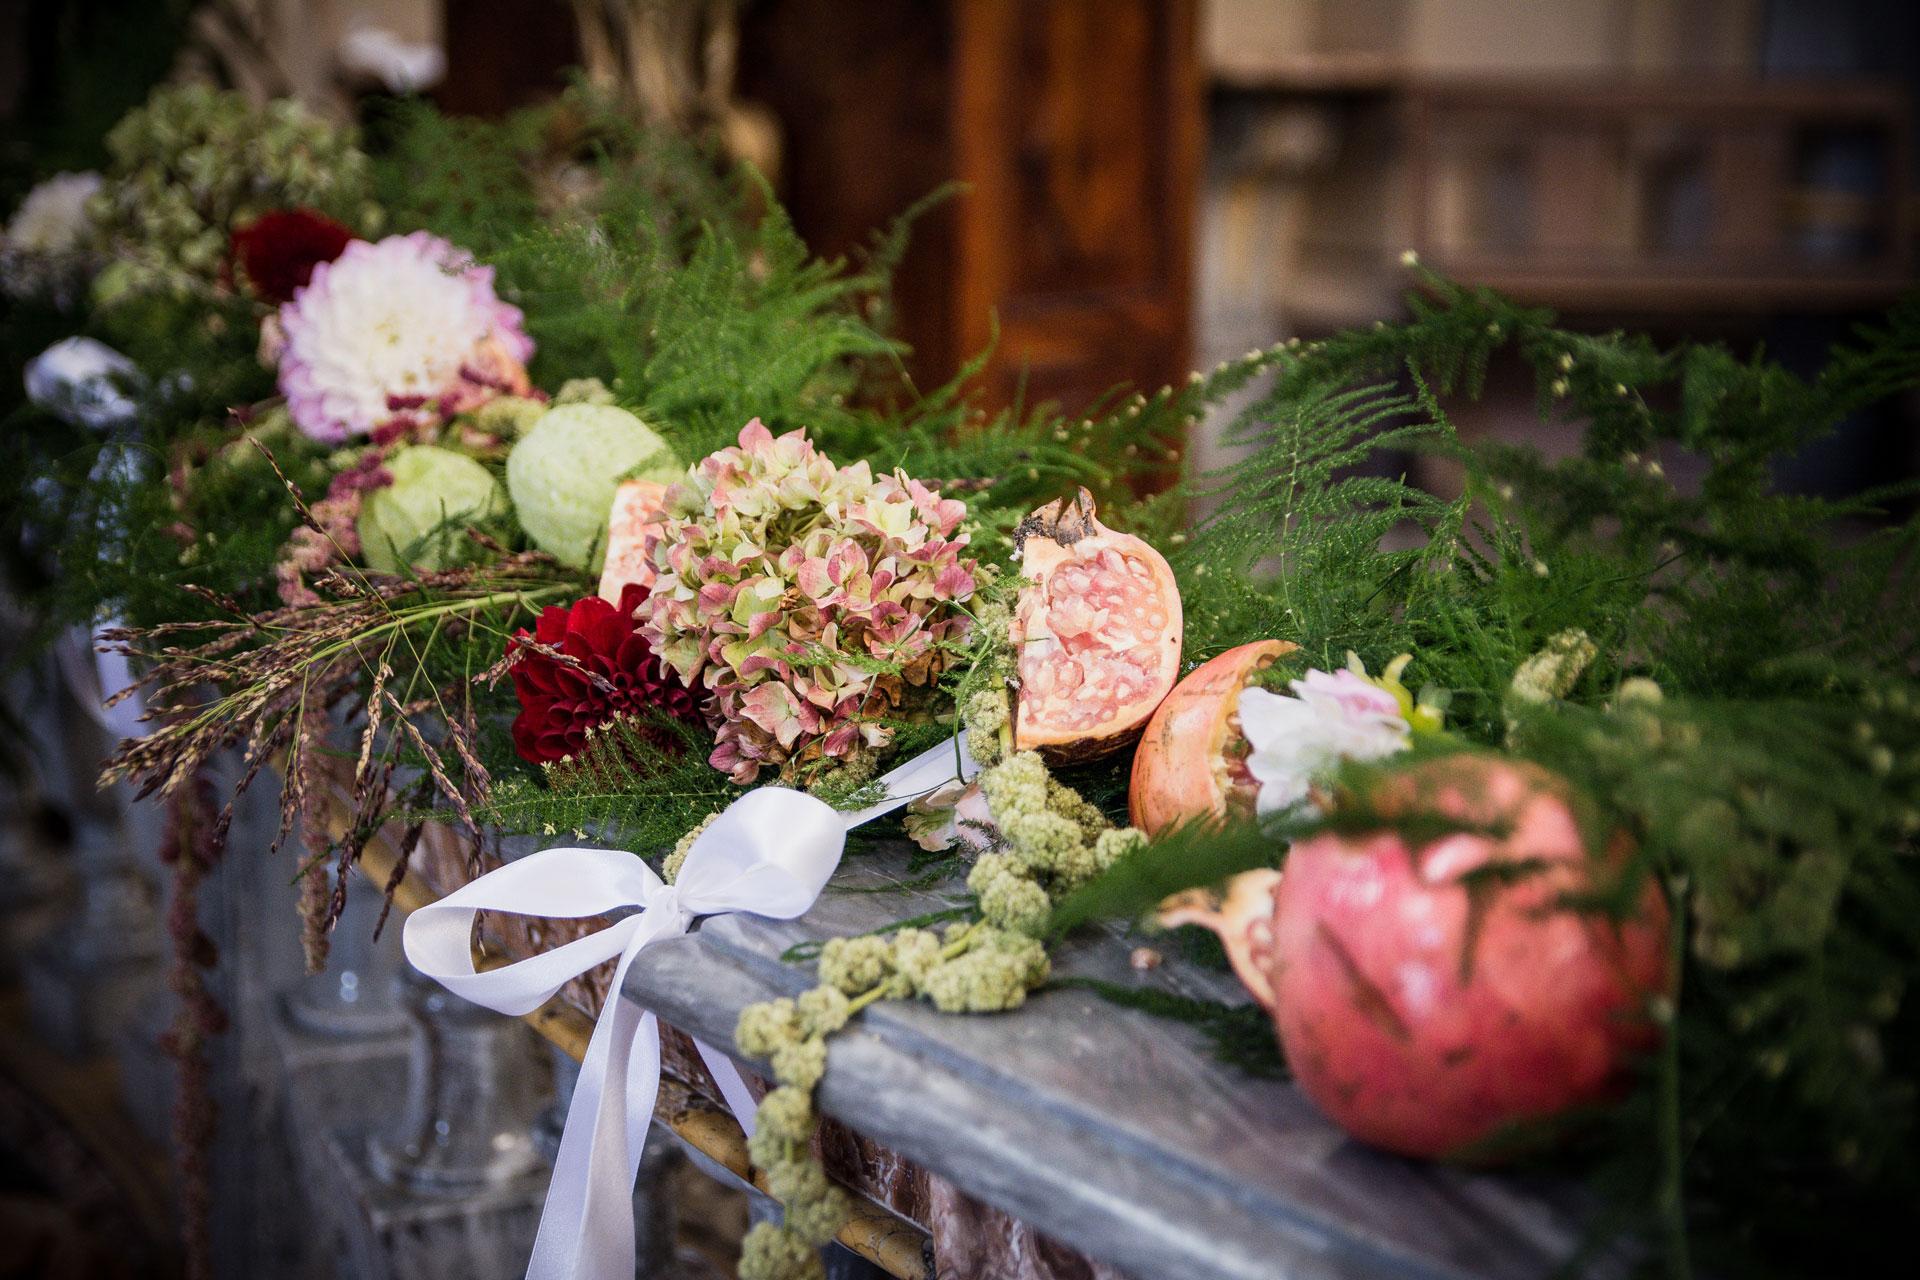 composizione su balaustra con fiori di melograno